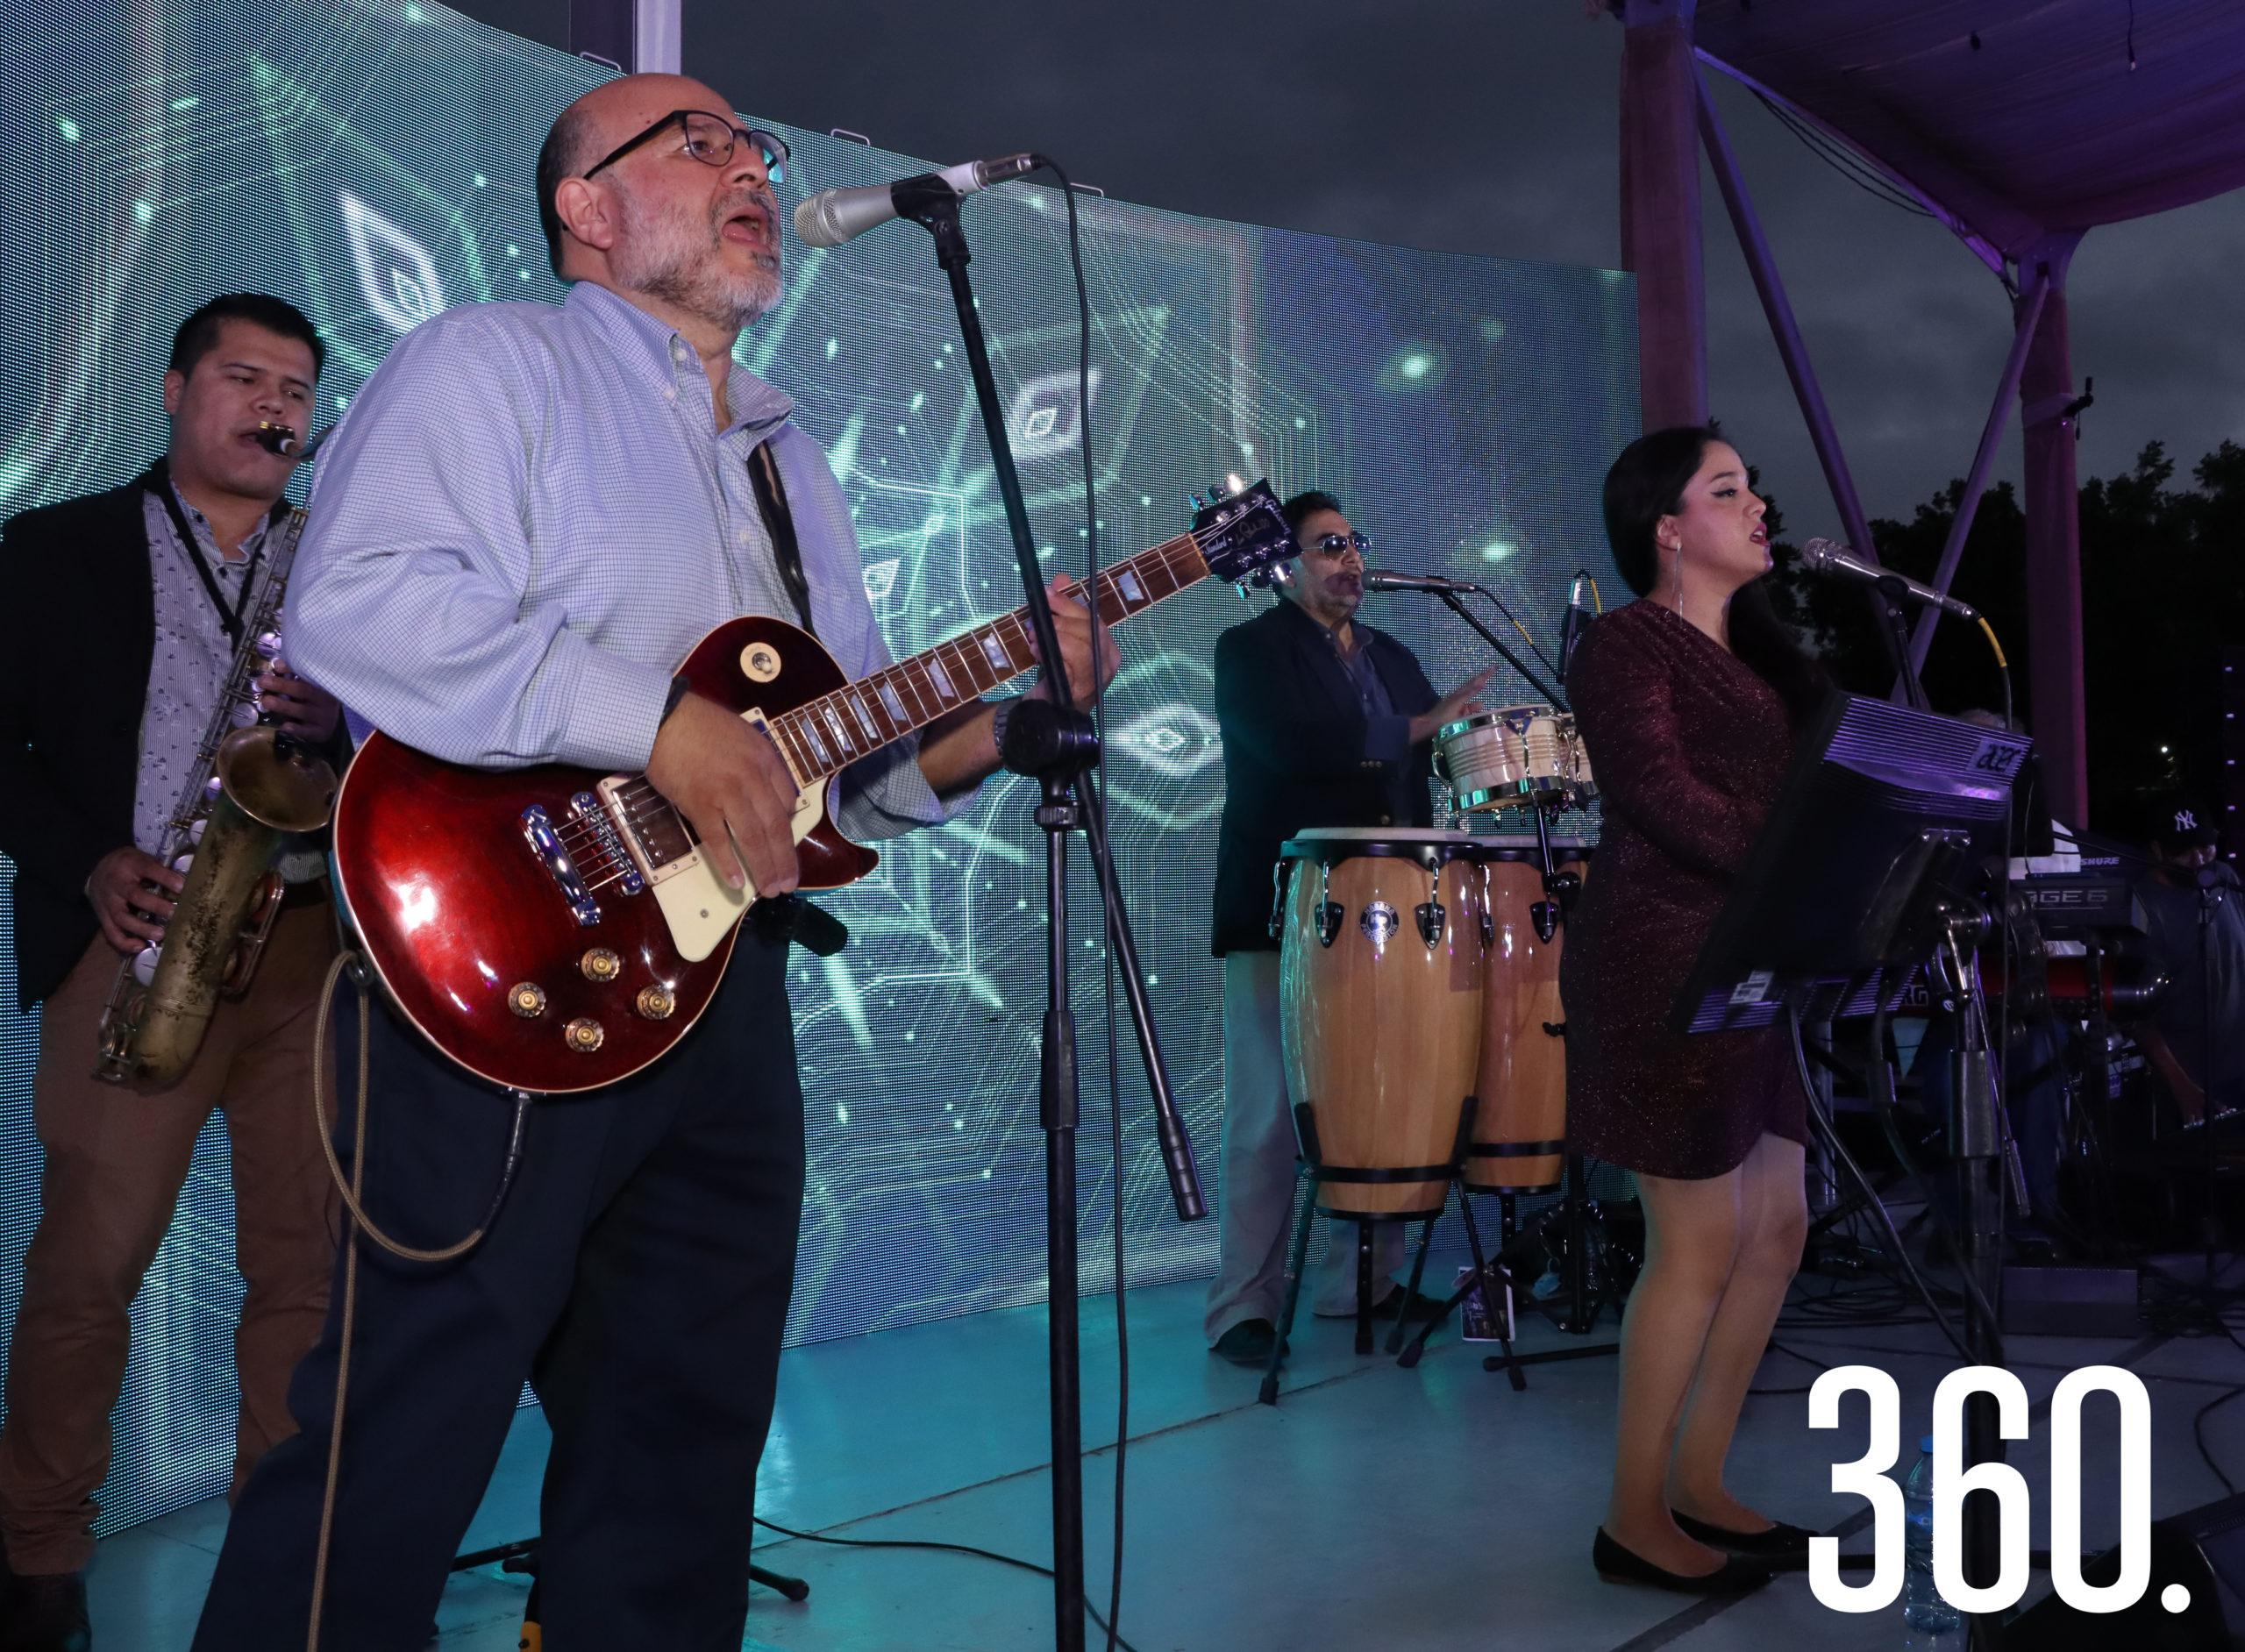 """El grupo """"RedWine"""", amenizó la primera parte del evento de Caritas de Saltillo en la Hacienda """"El Secreto""""."""